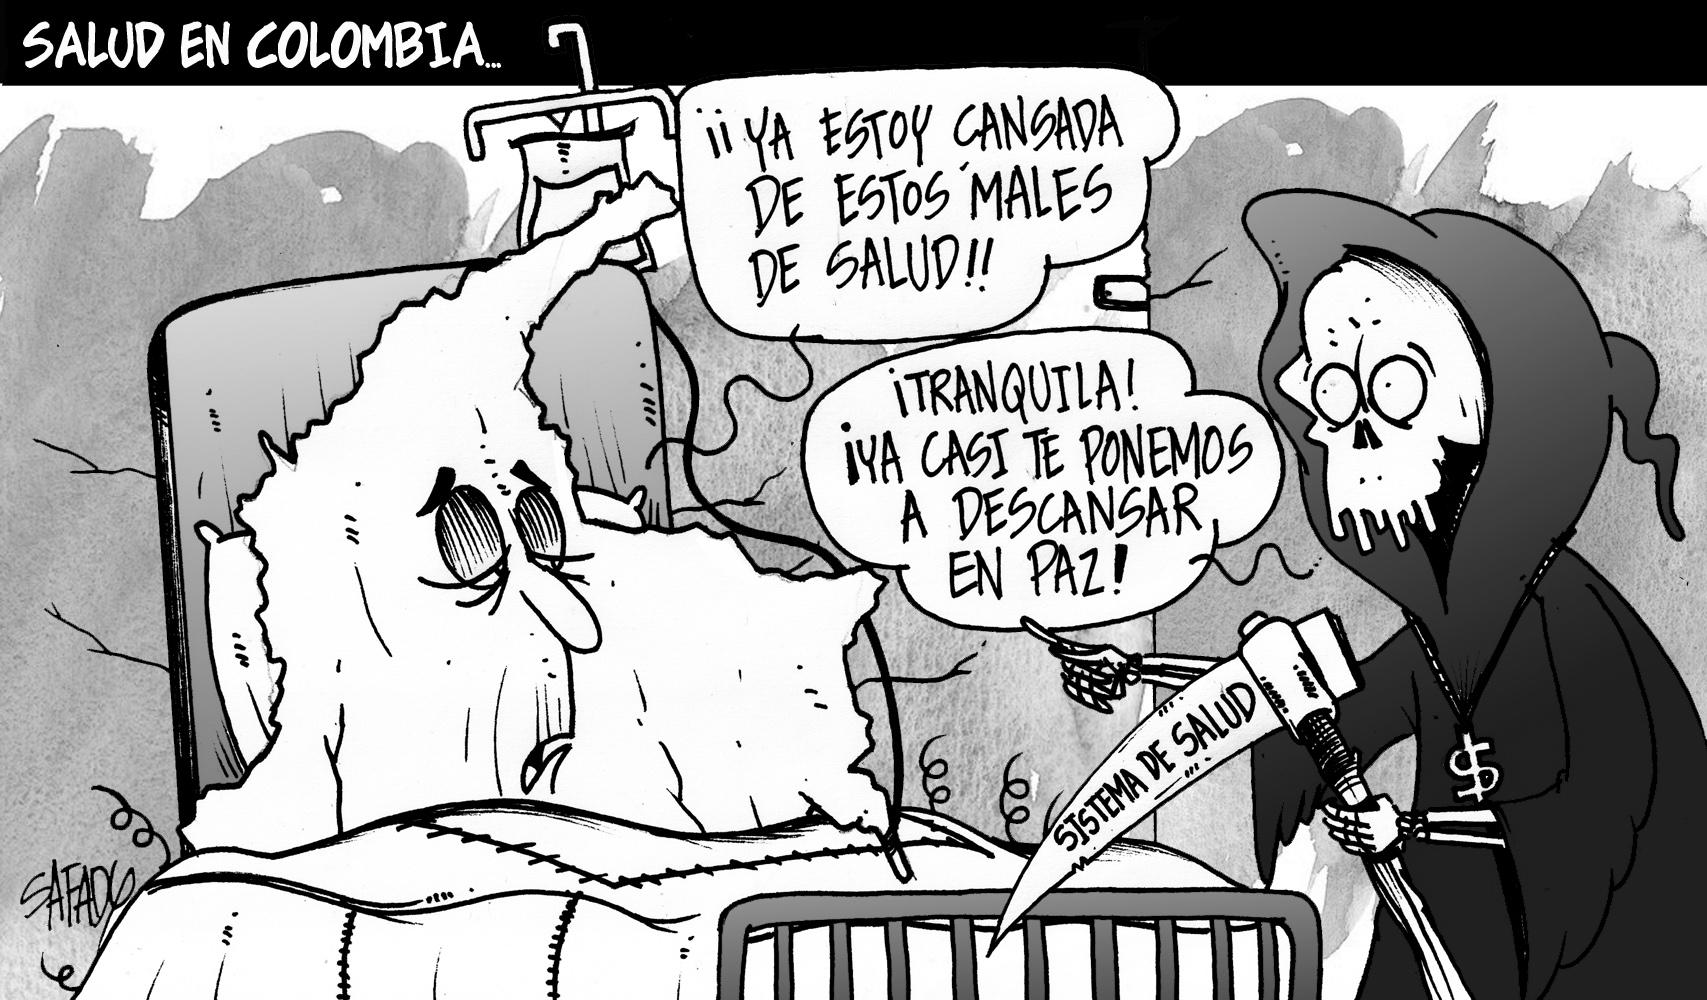 Salud en Colombia…